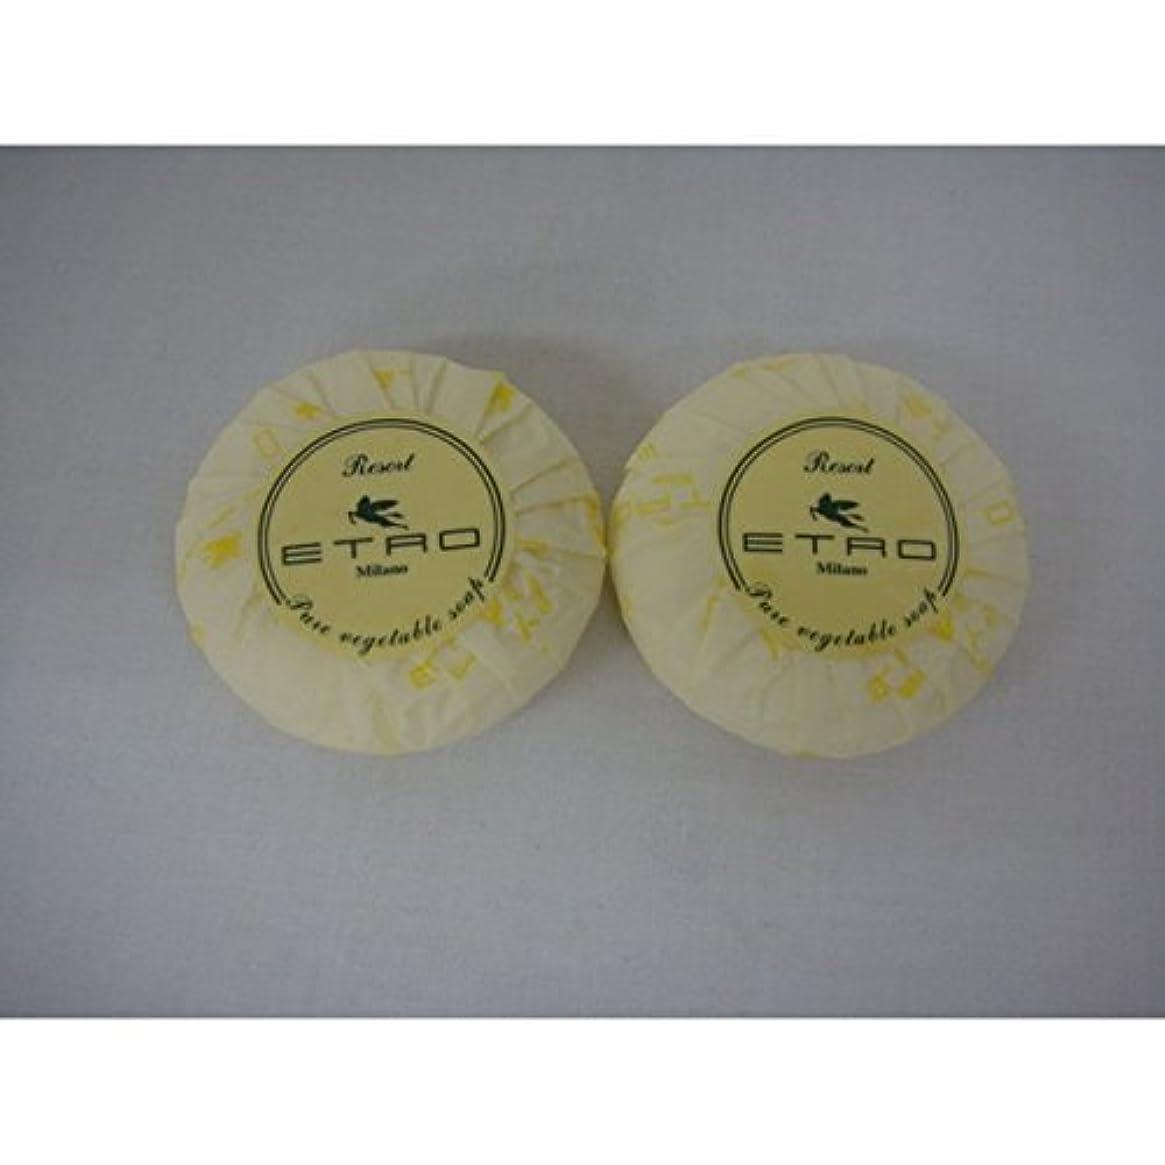 現代のビュッフェ動かすETRO エトロ ピュアベジタブルソープ 石鹸40g×2個